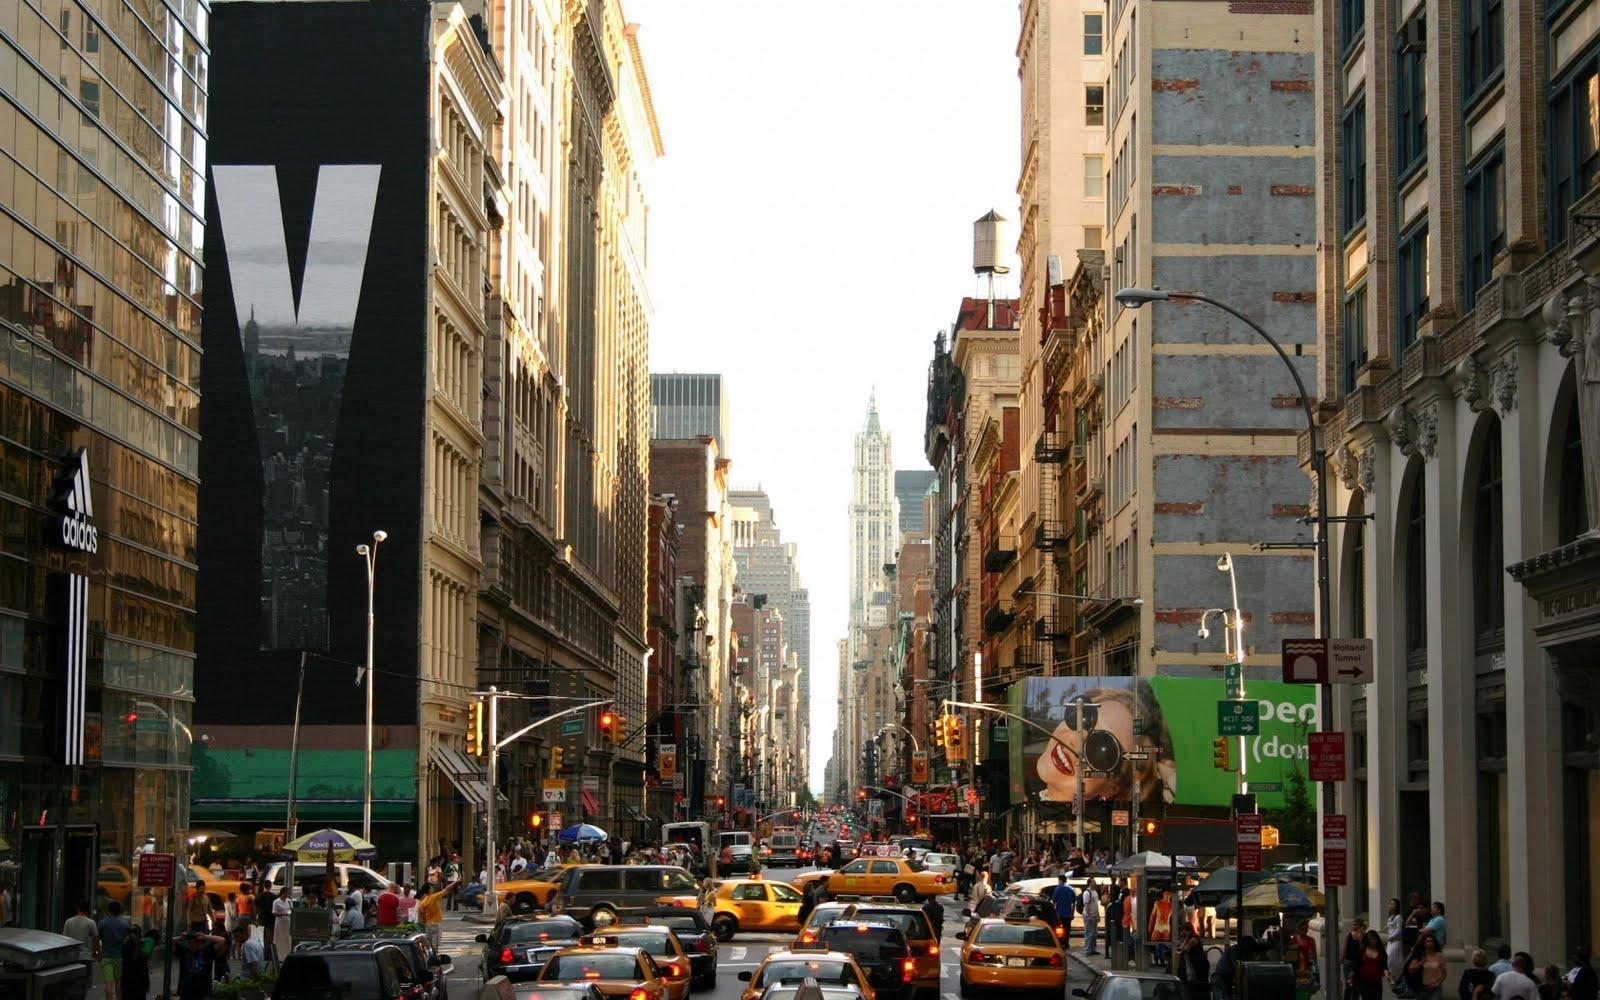 http://1.bp.blogspot.com/-FVJX2HvUqbI/TsNryJJbRMI/AAAAAAAAAeg/c4RokqxnGJ8/s1600/new-york-streets%2528www.TheWallpapers.org%2529-1680x1050.jpg